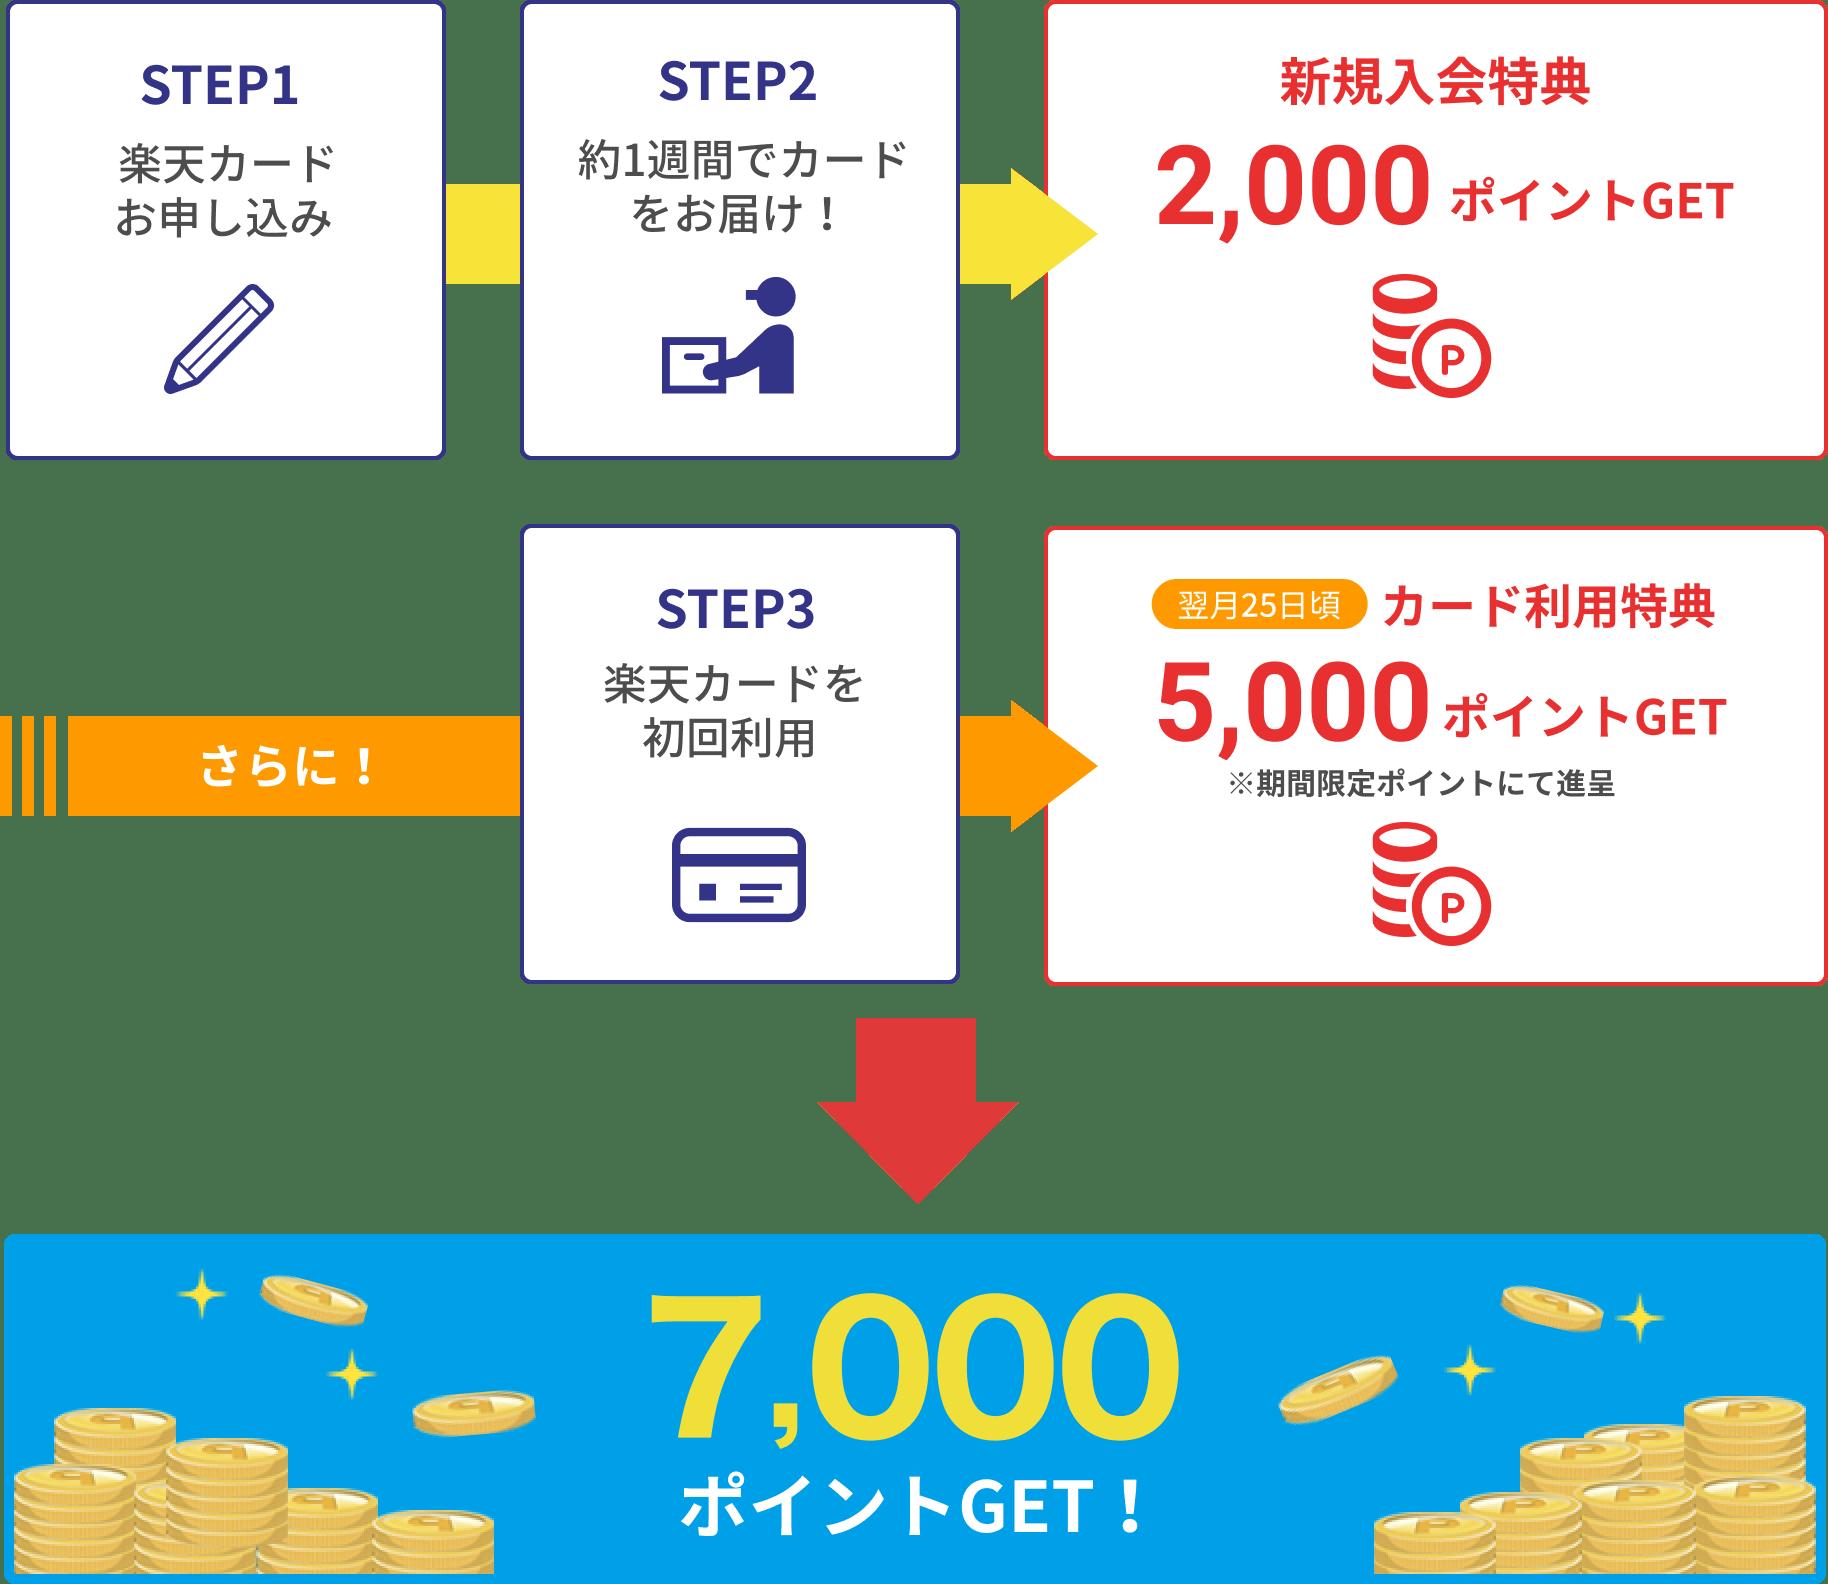 STEP1 楽天カードお申し込み STEP2 約1週間でカードをお届け! 新規入会特典 2,000ポイントGET さらに! STEP3 楽天カードを初回利用 翌月20日頃カード利用特典5,000ポイントGET※期間限定ポイントにて進呈 7,000ポイントGET!